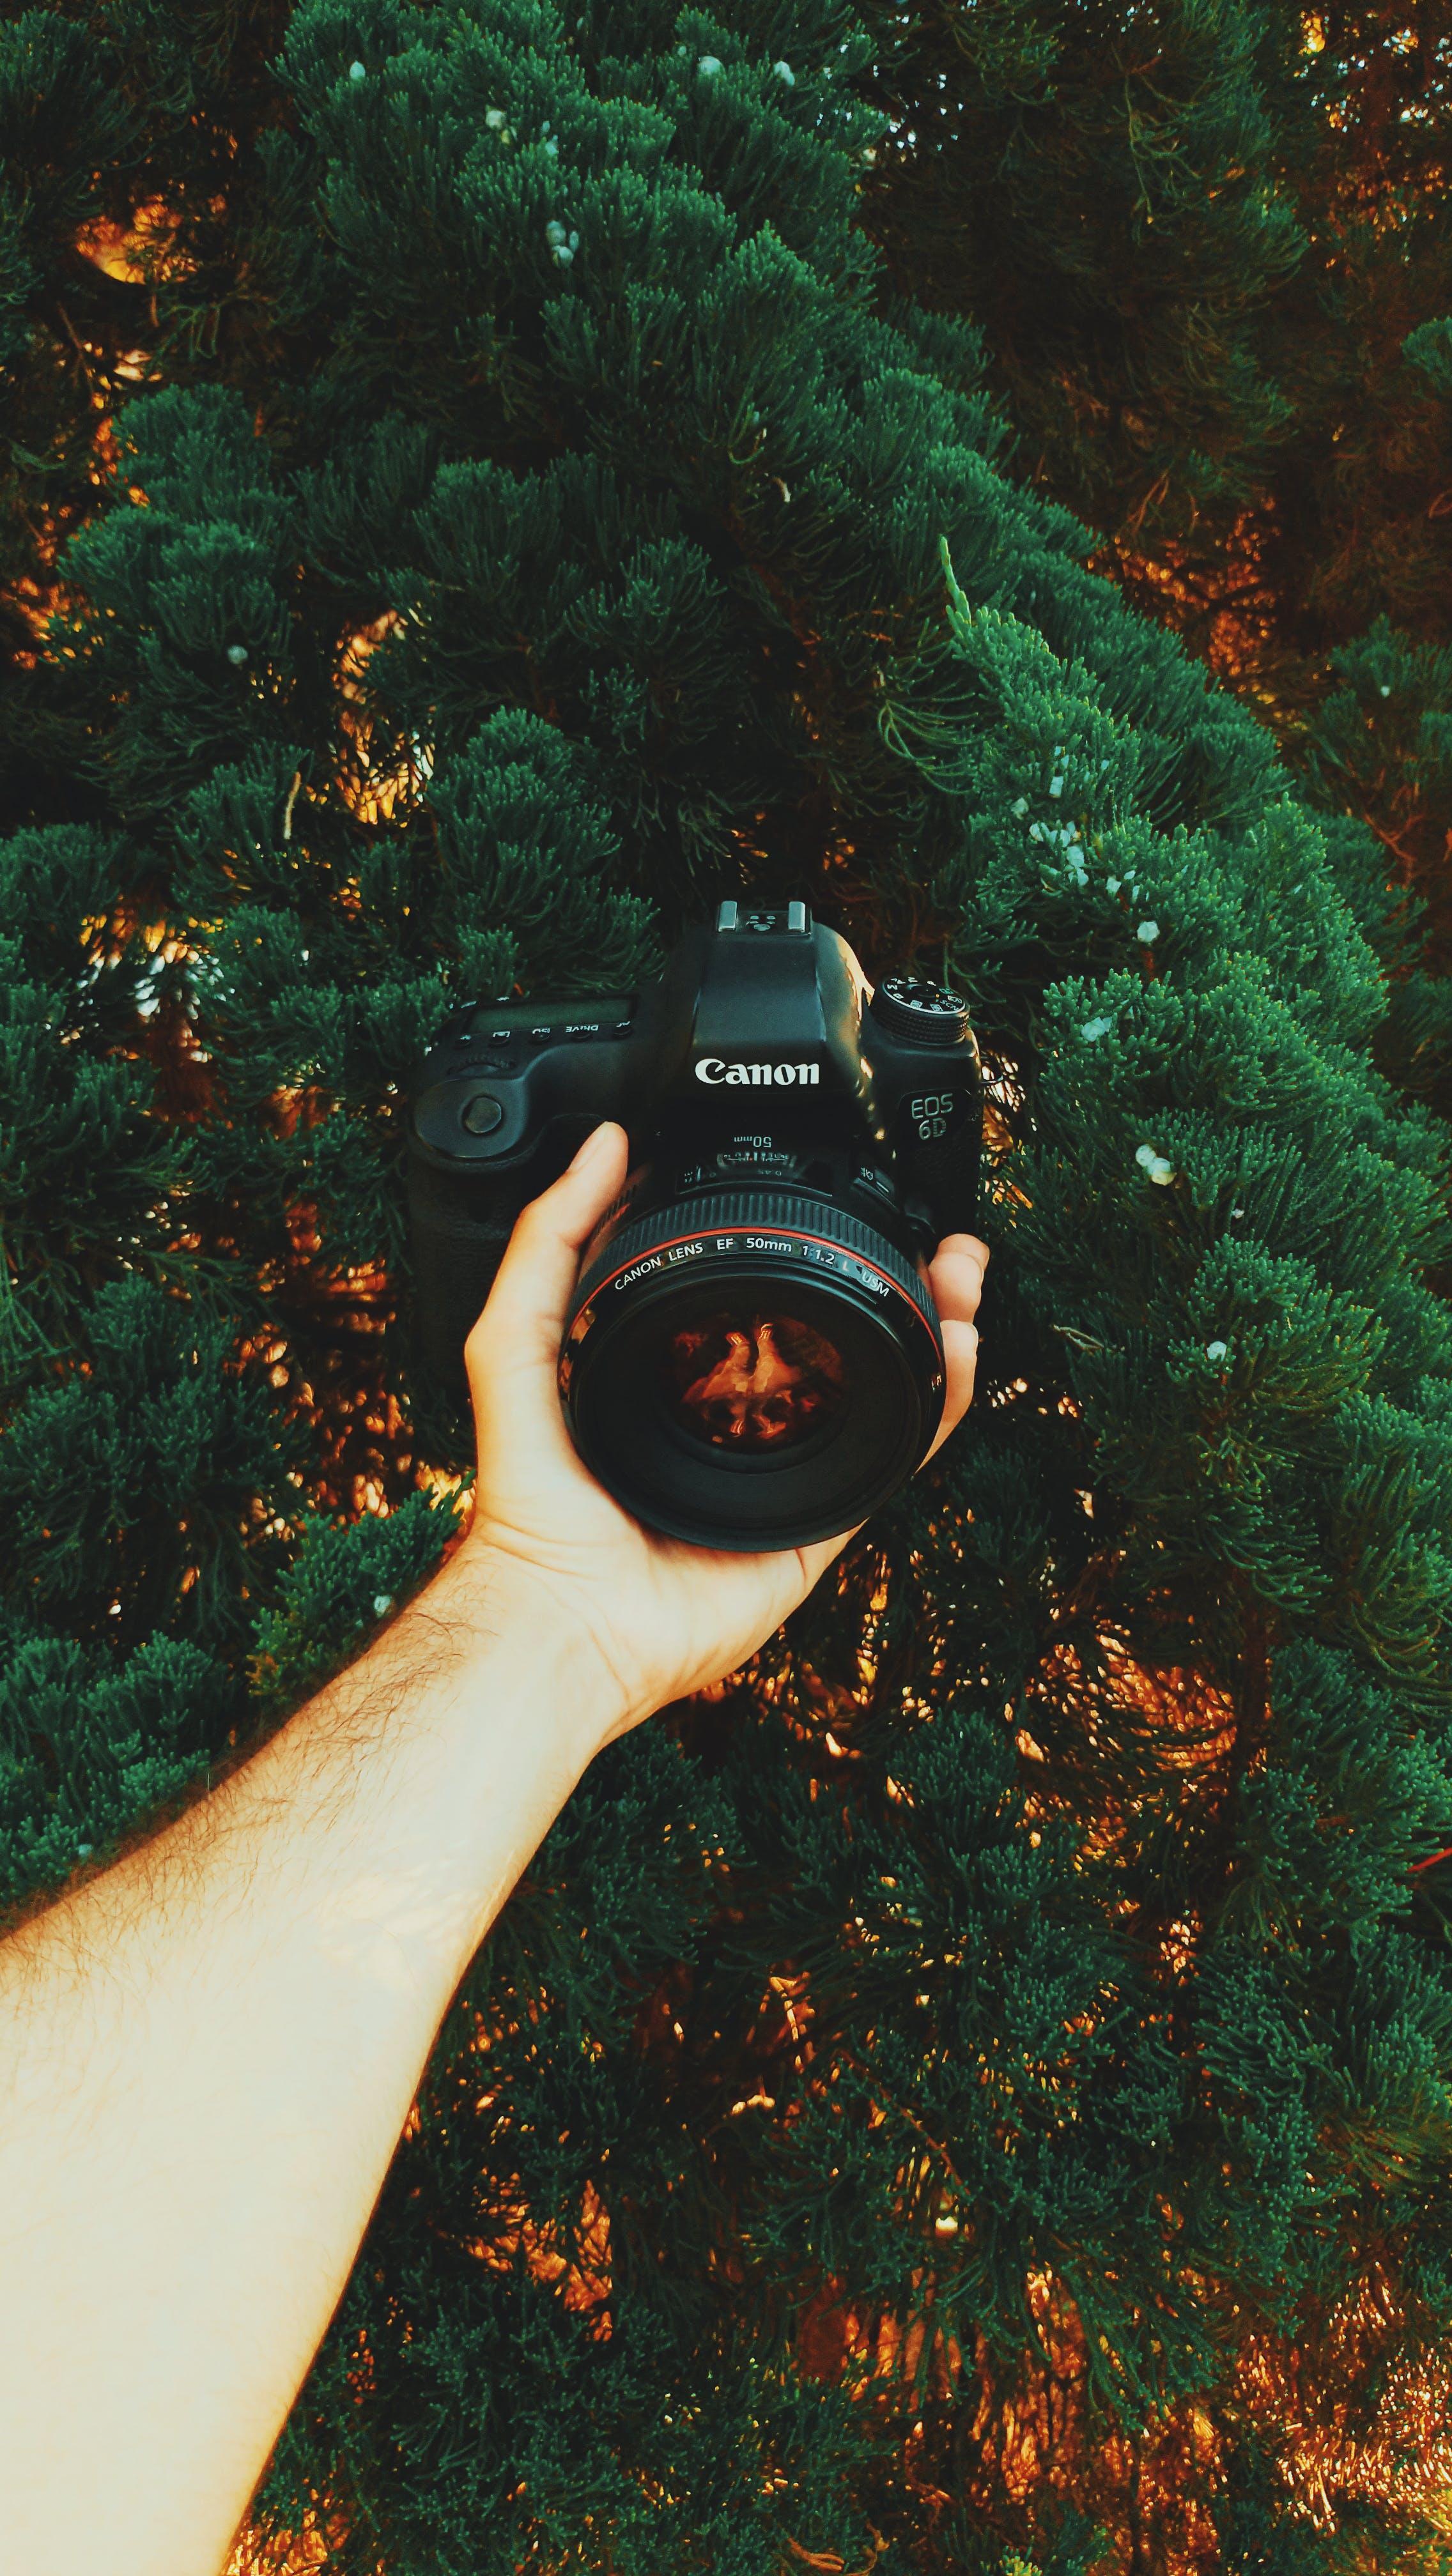 câmera, câmera dslr, câmera profissional